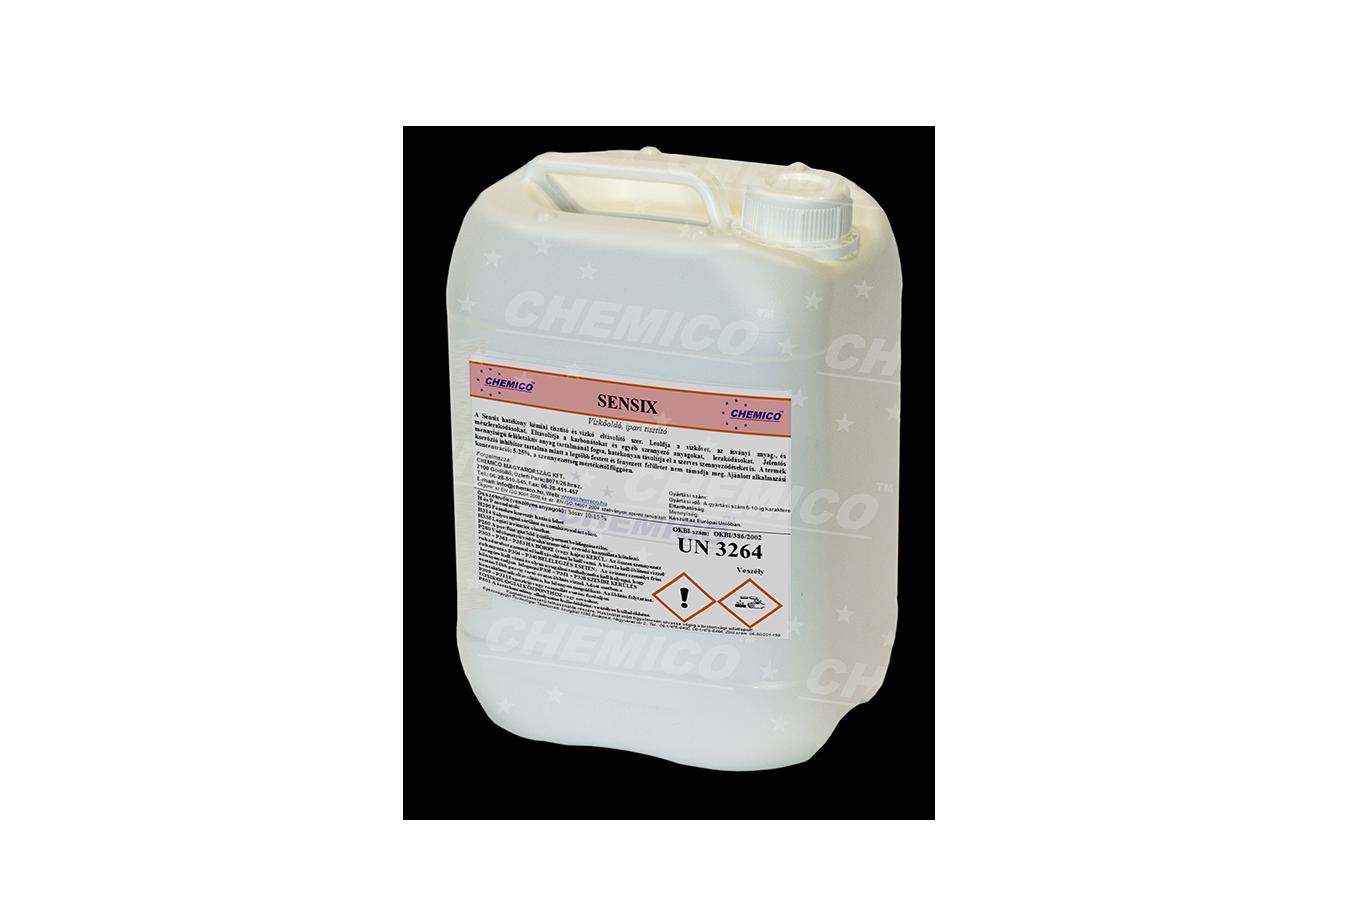 sensix-vizkooldo-savas-ipari-sosavas-chemico-5l